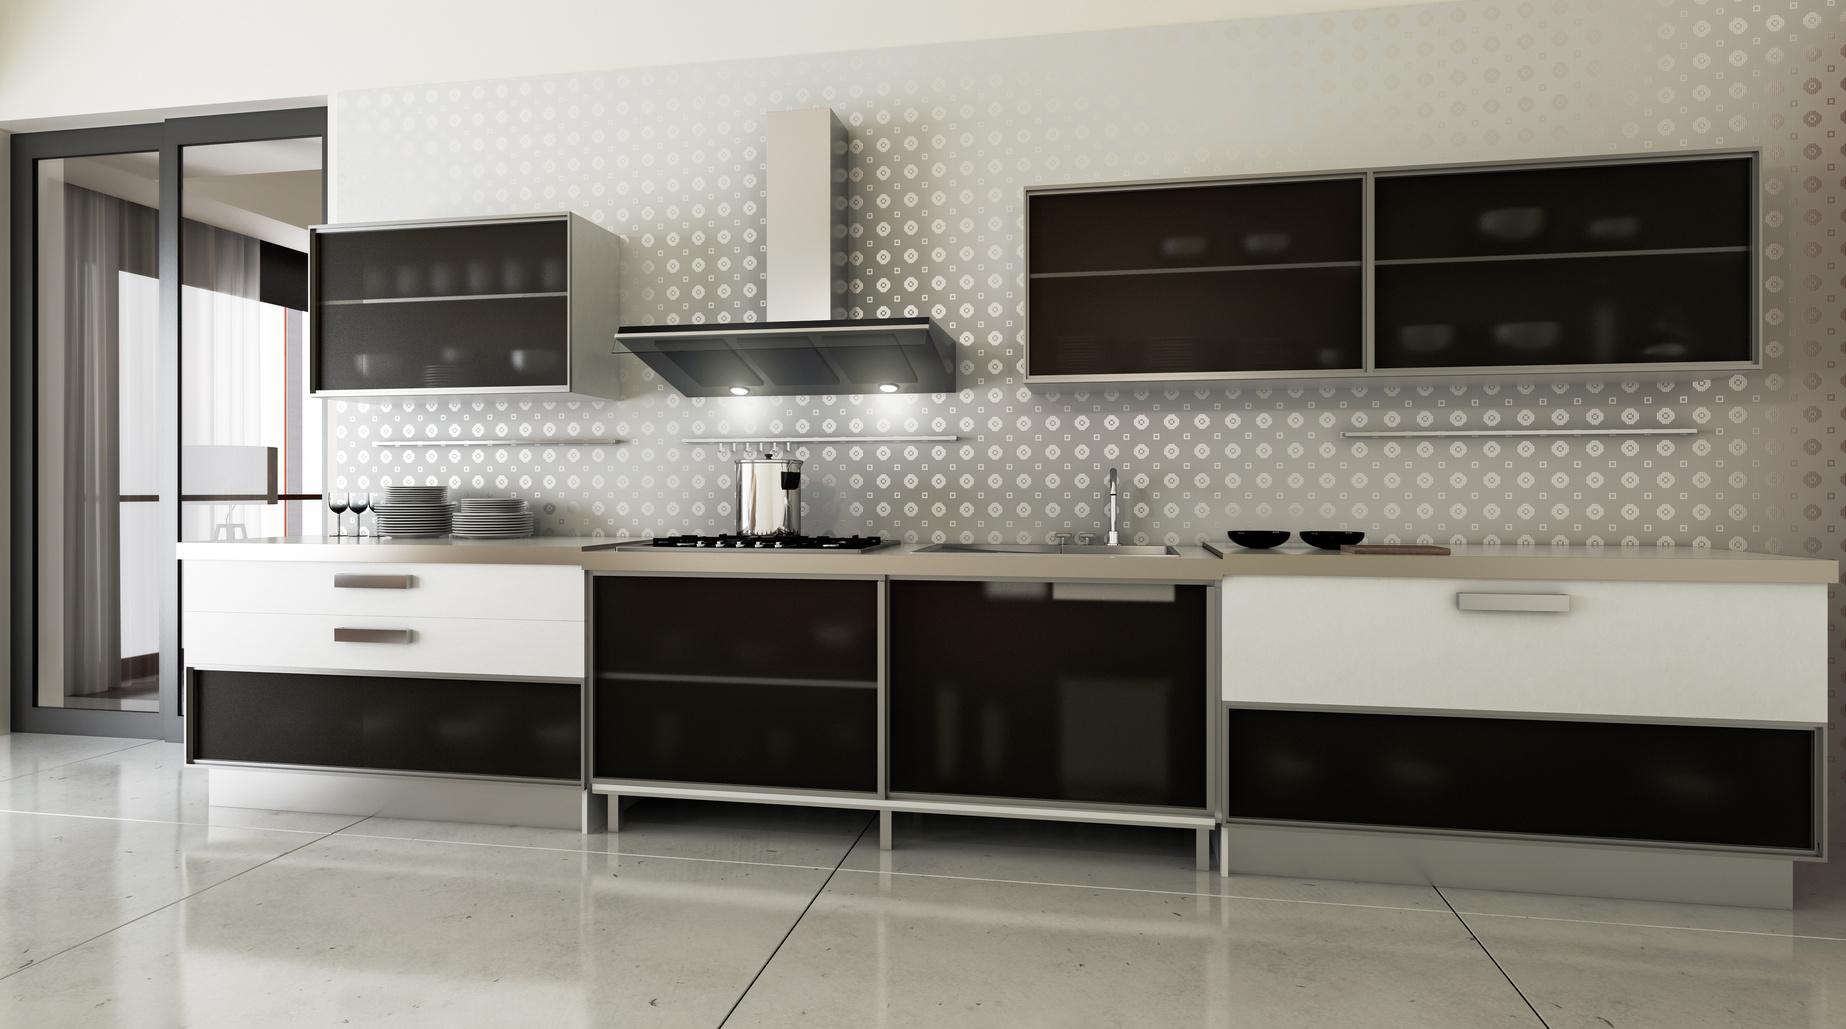 Moderne Einzeilige Küche In Elegantem Desgin · Einbauküche